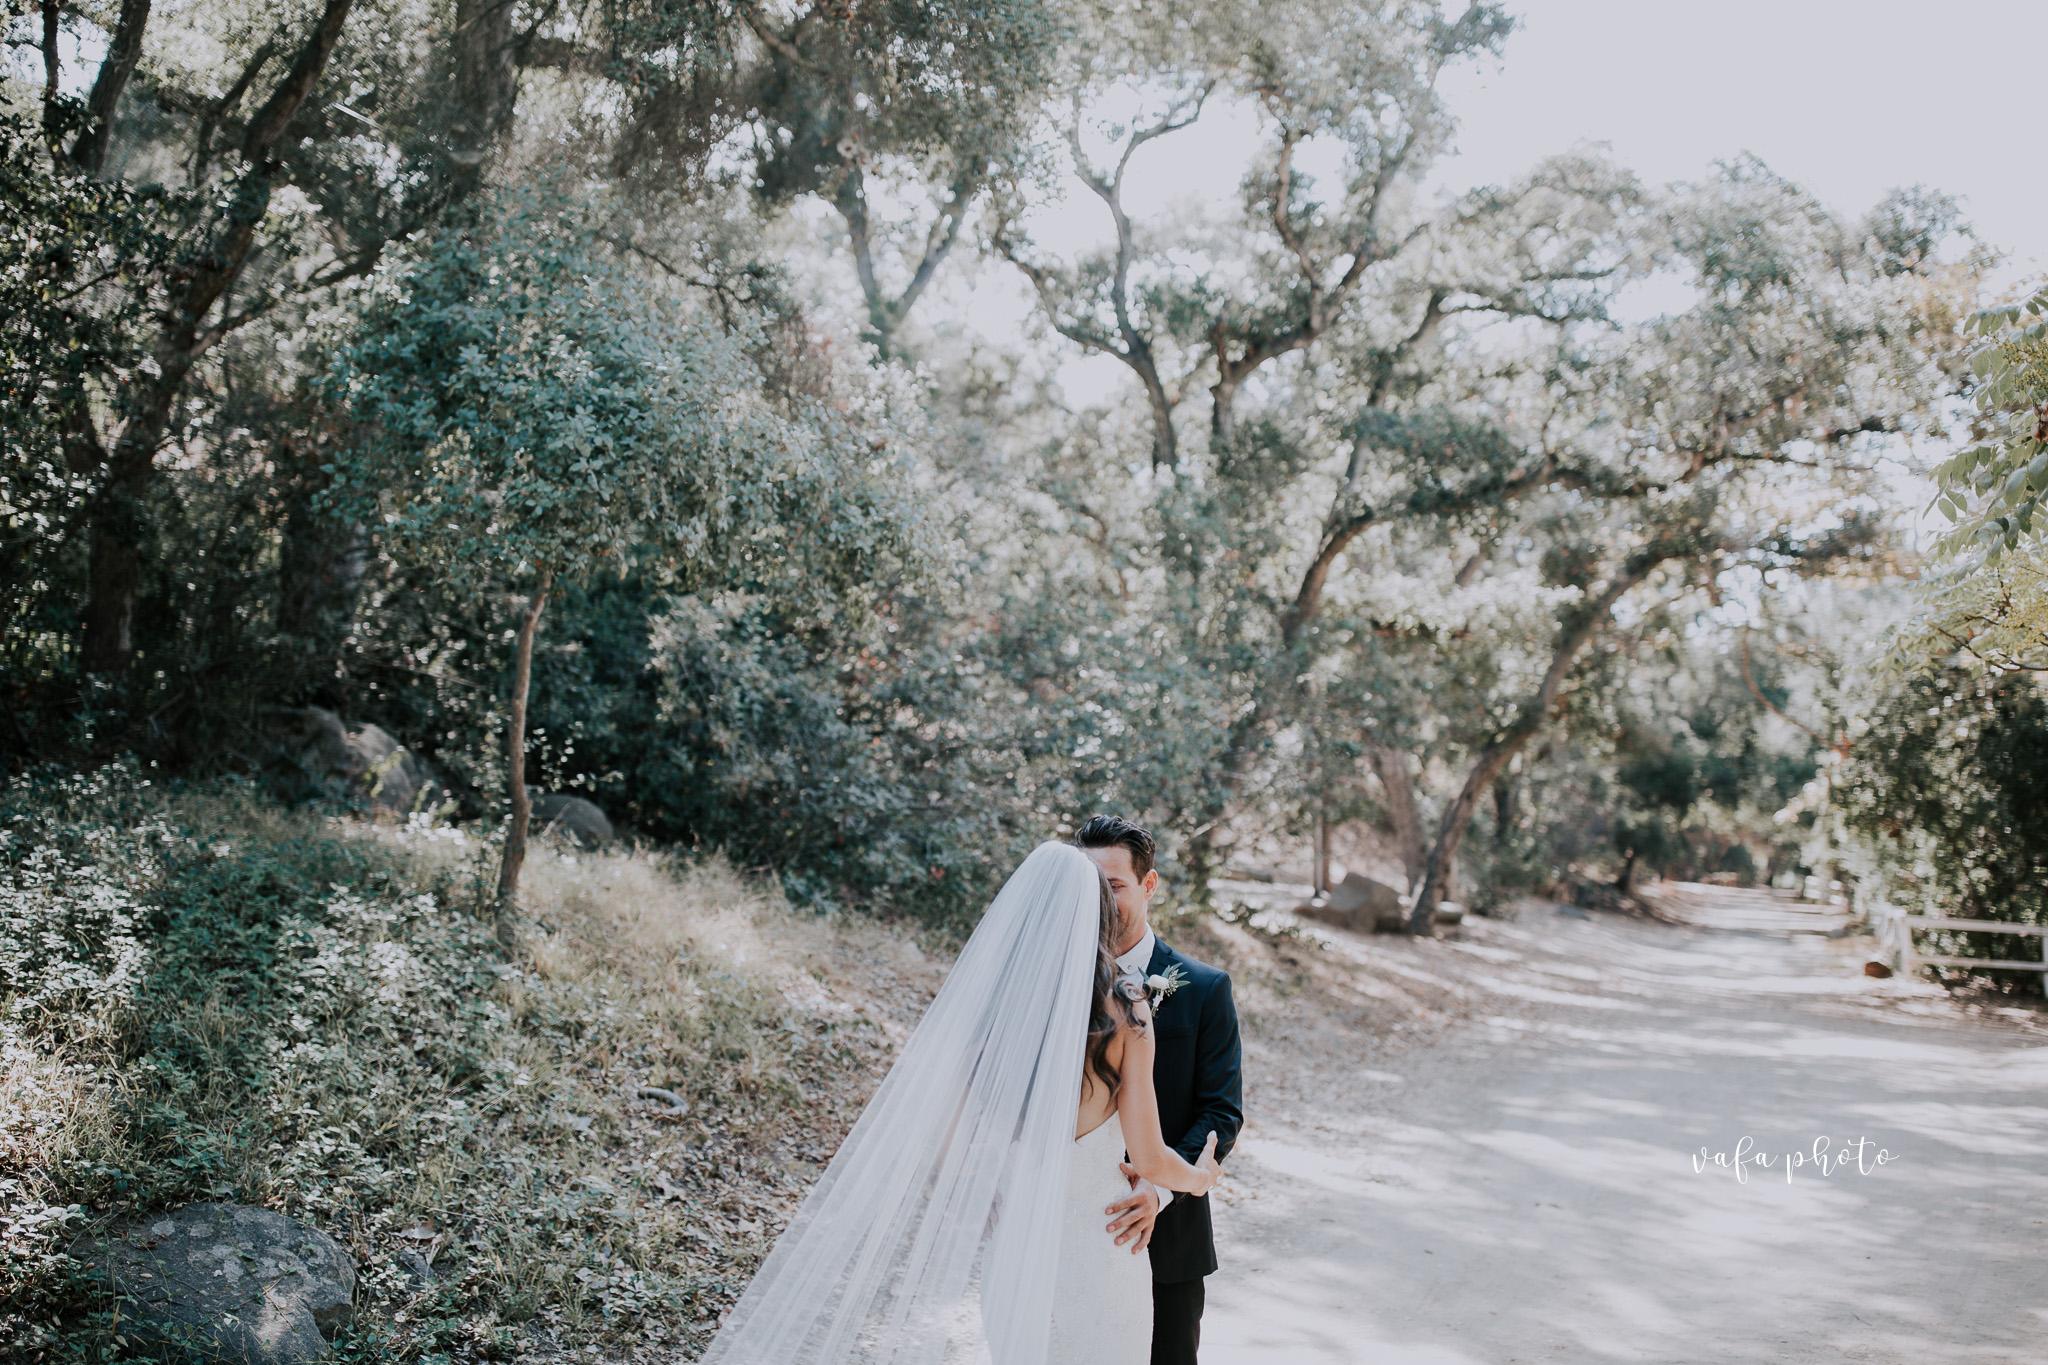 Southern-California-Wedding-Britt-Nilsson-Jeremy-Byrne-Vafa-Photo-212.jpg